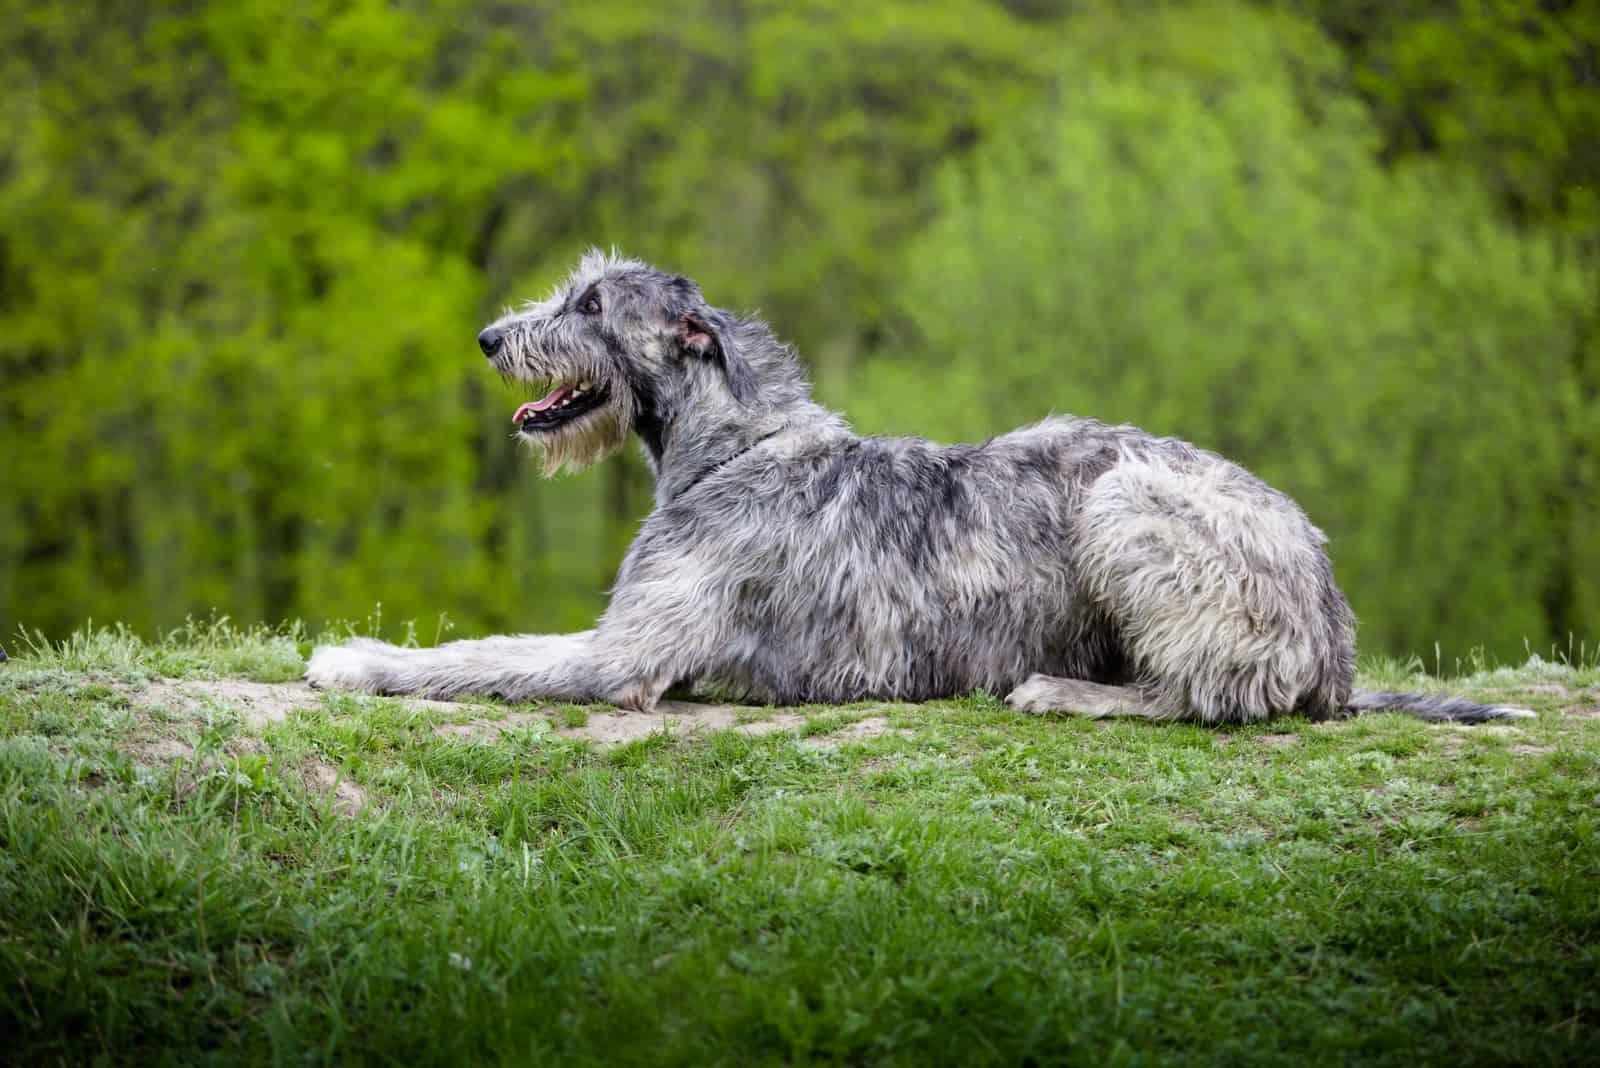 Irish Wolfhound liegt auf einem grünen Gras